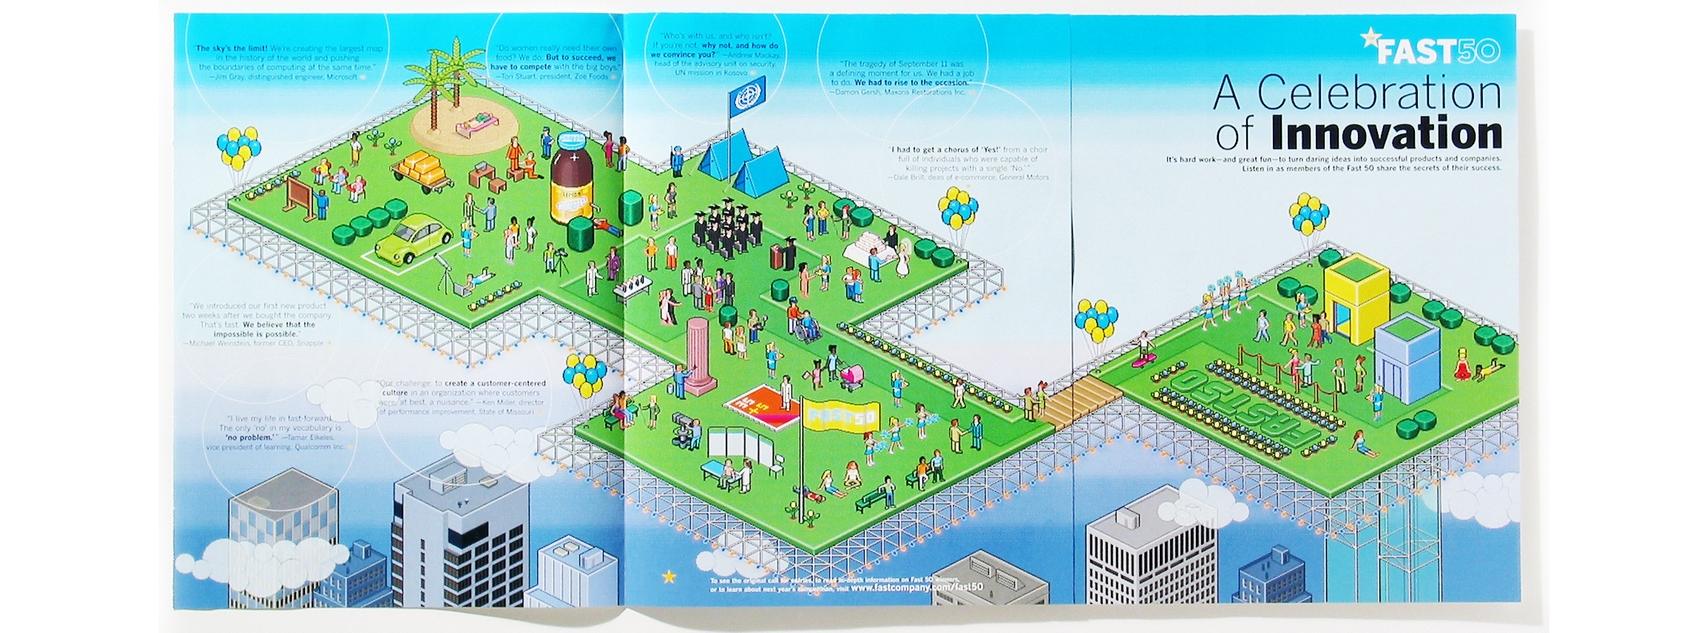 Innovation 3-fold.jpg